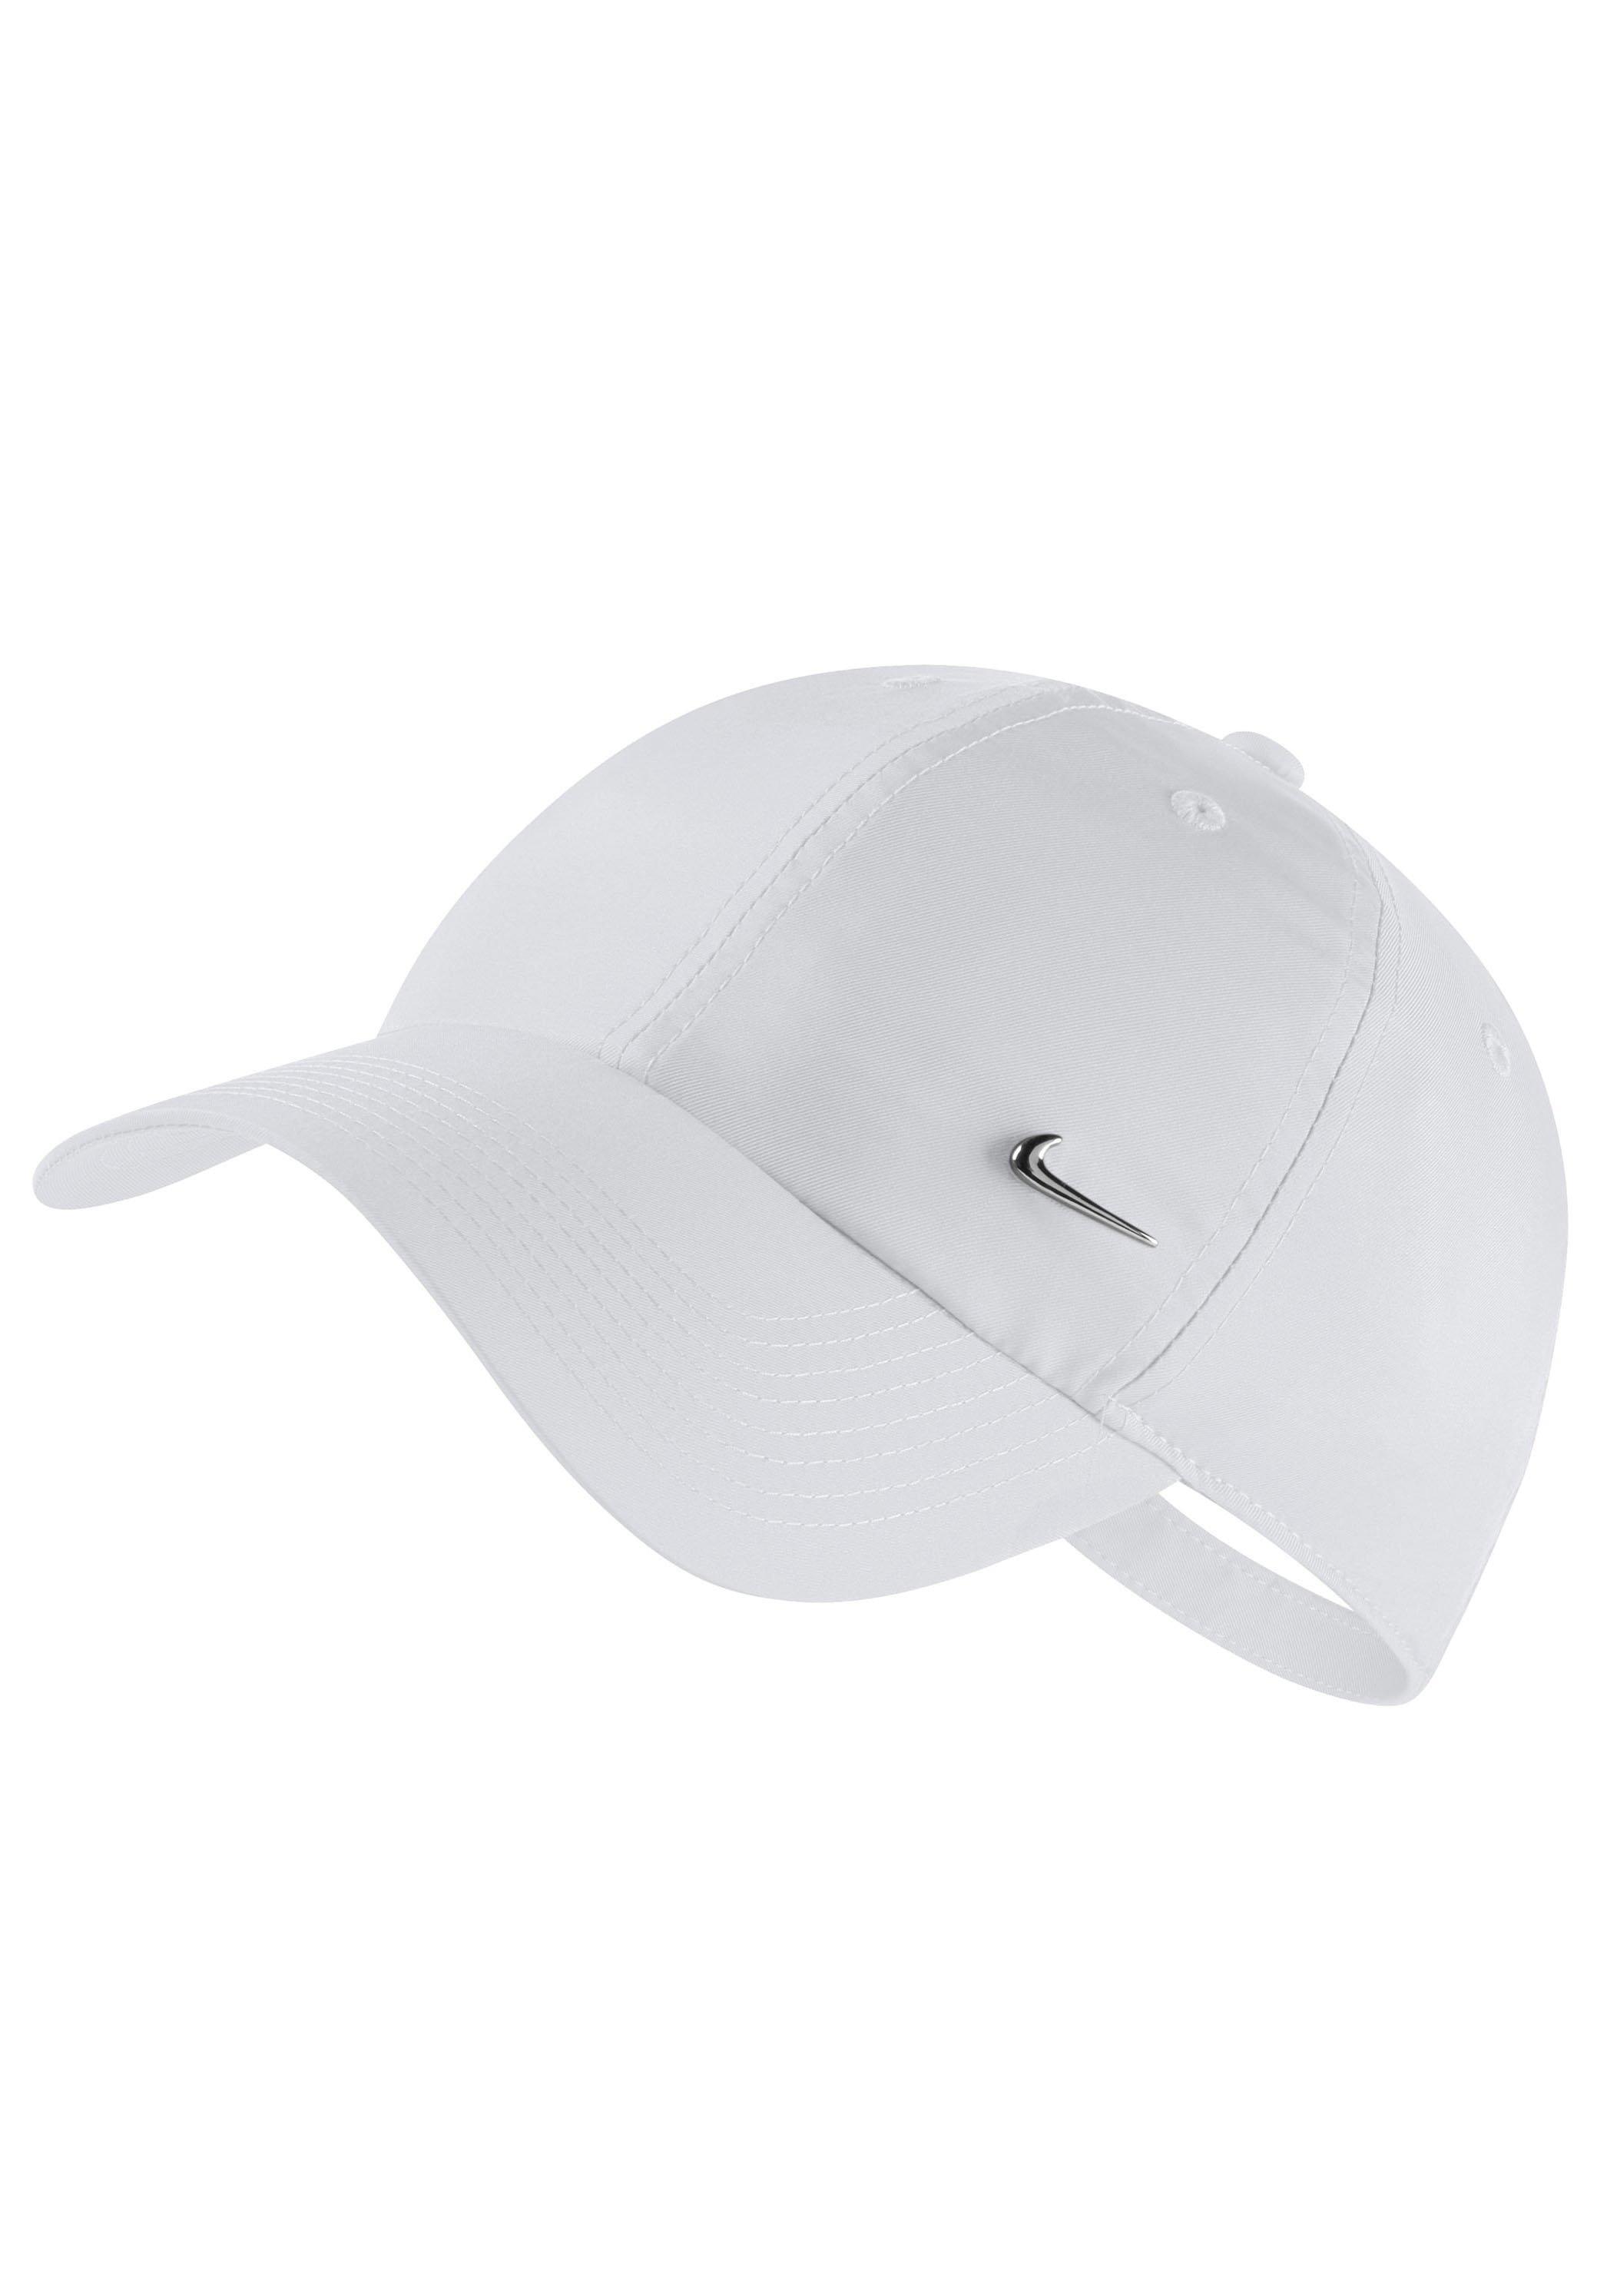 Nike baseballcap »Heritage86 Cap« online kopen op otto.nl